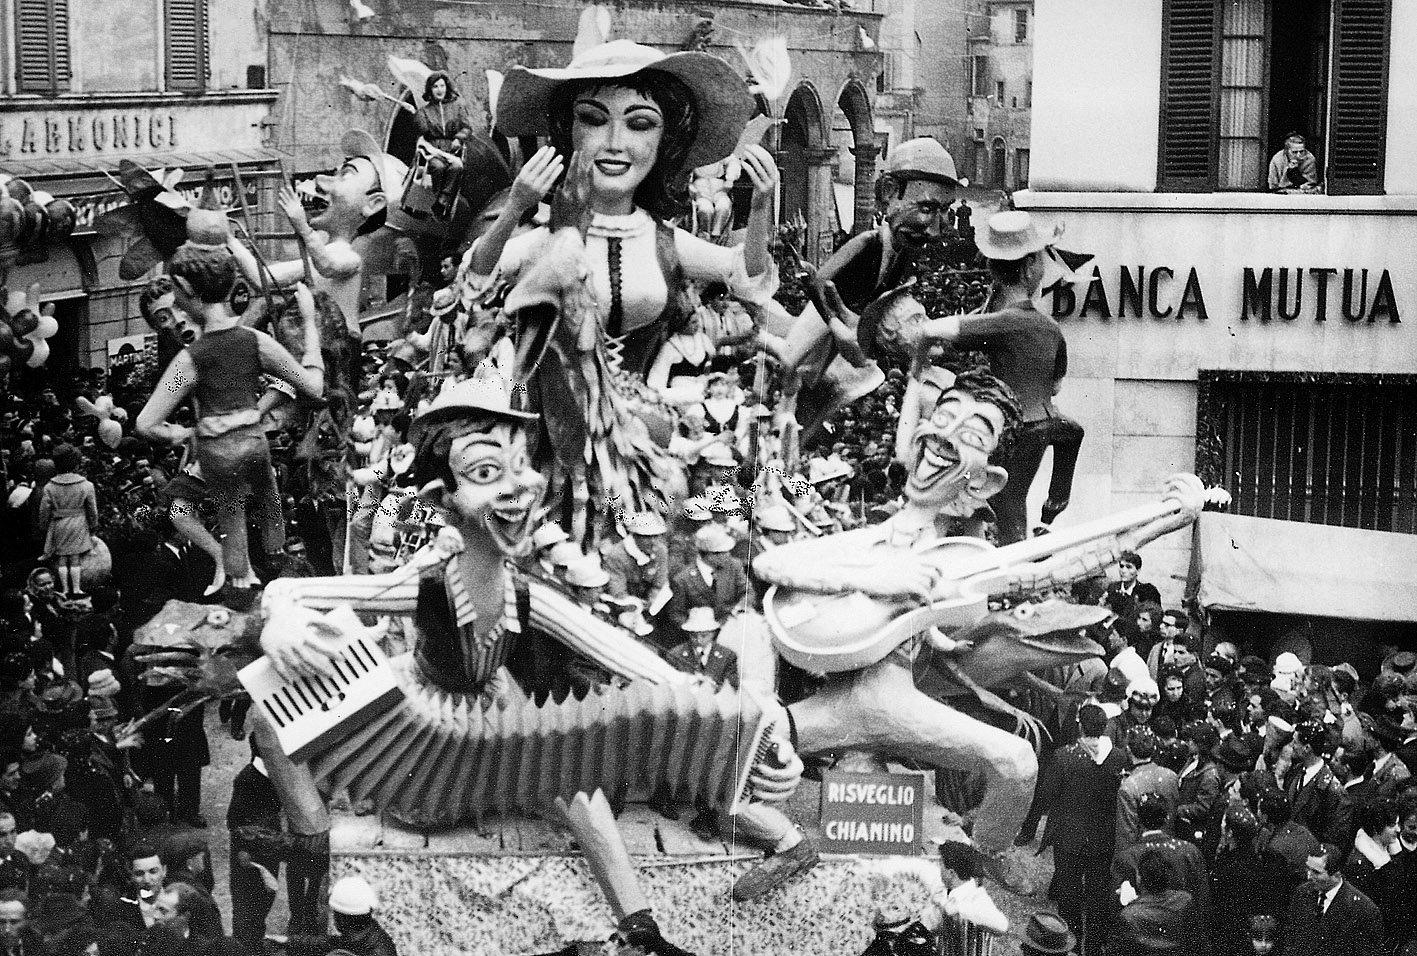 RISVEGLIO CHIANINO-1963